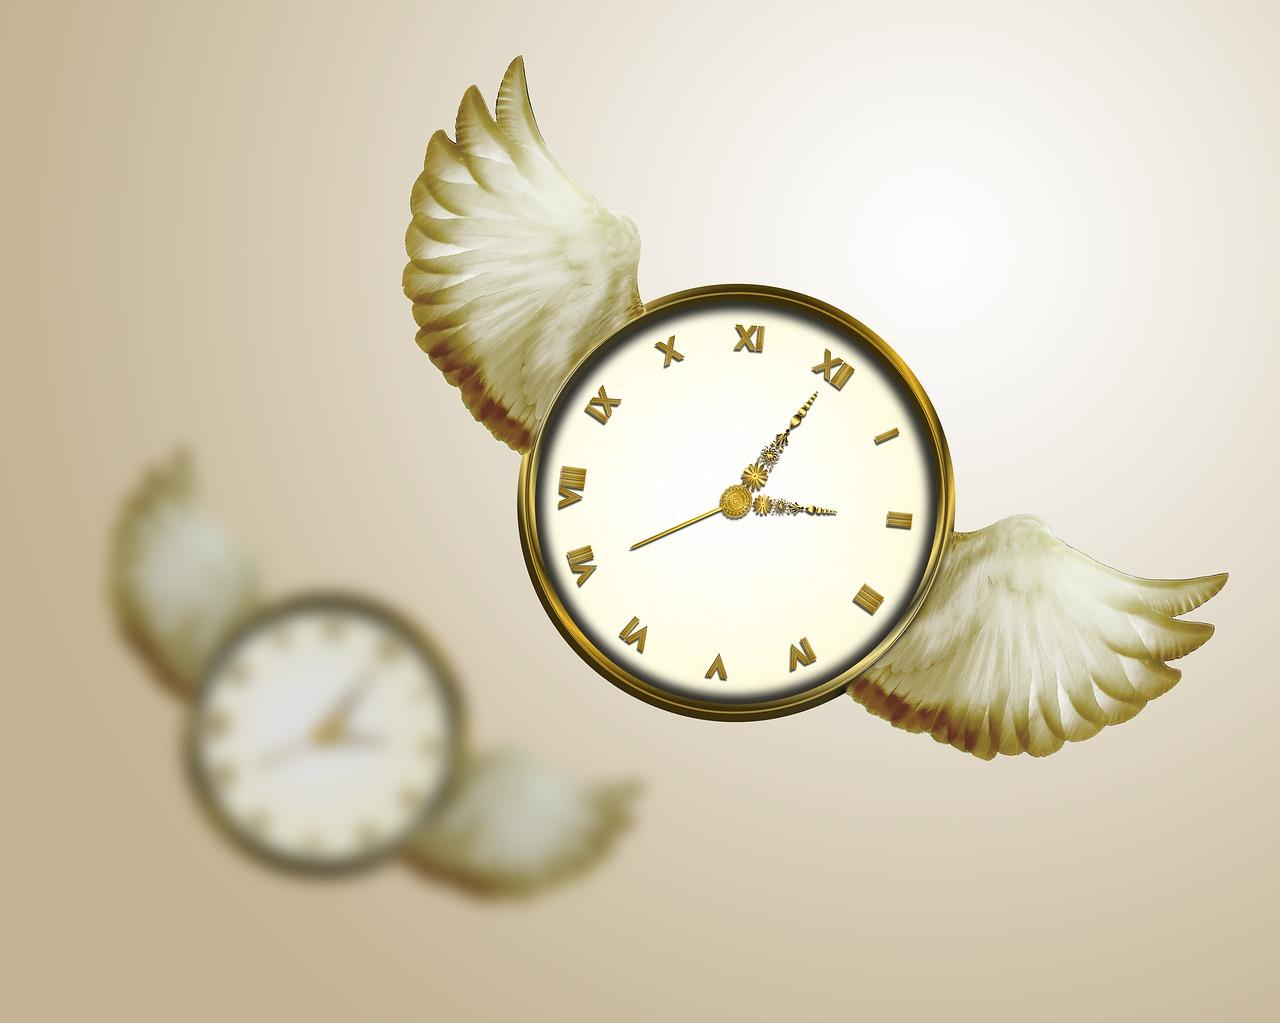 Tijd heeft vleugels